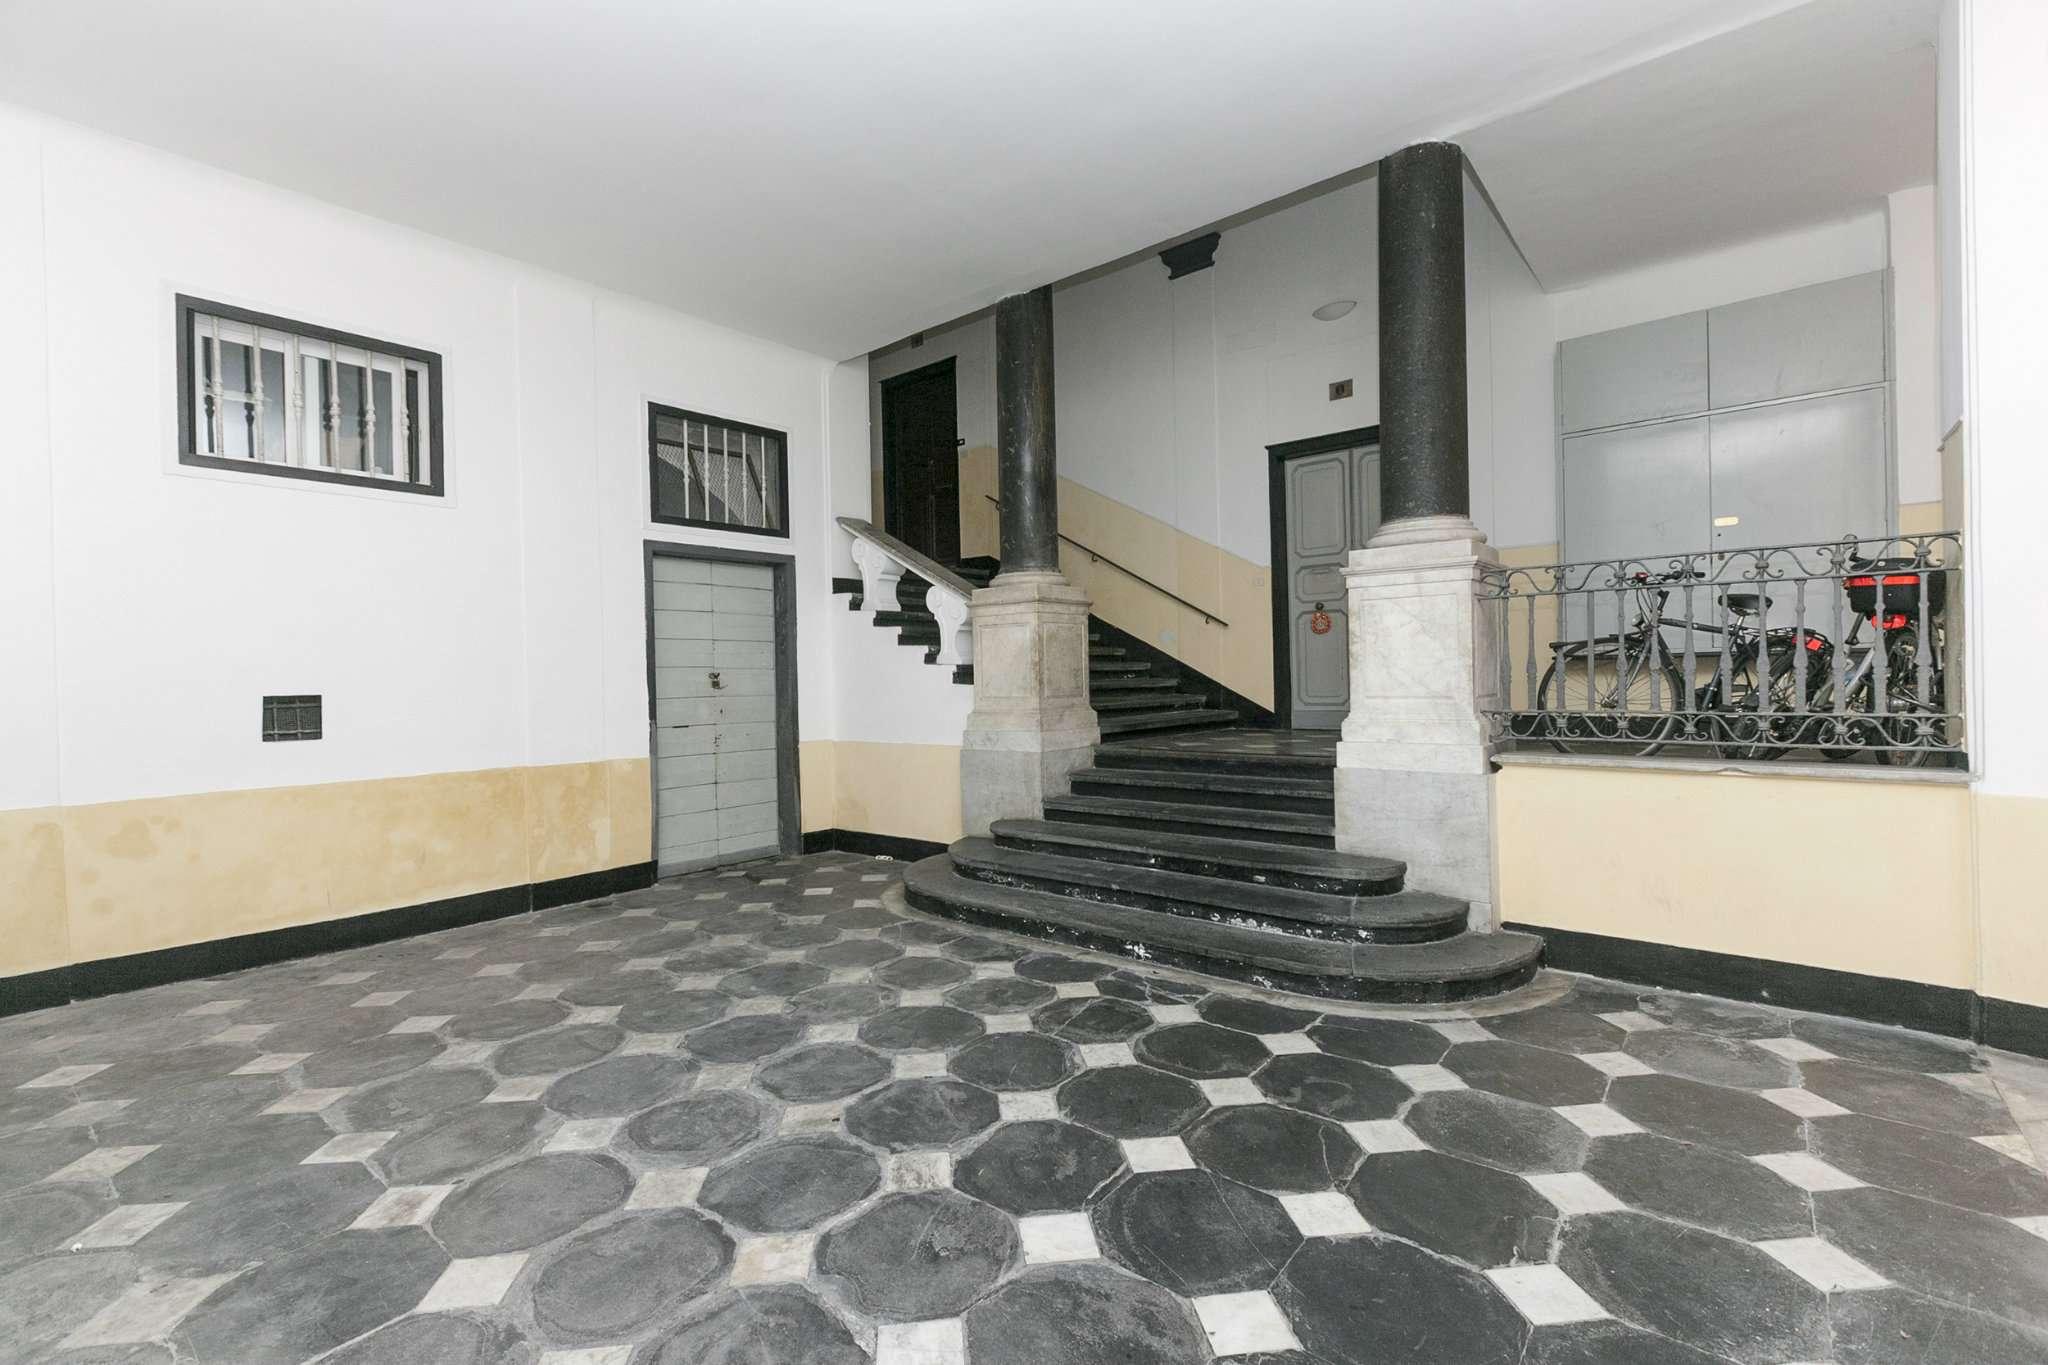 Foto 27 di Loft piazza san marcellino 2, Genova (zona Centro, Centro Storico)